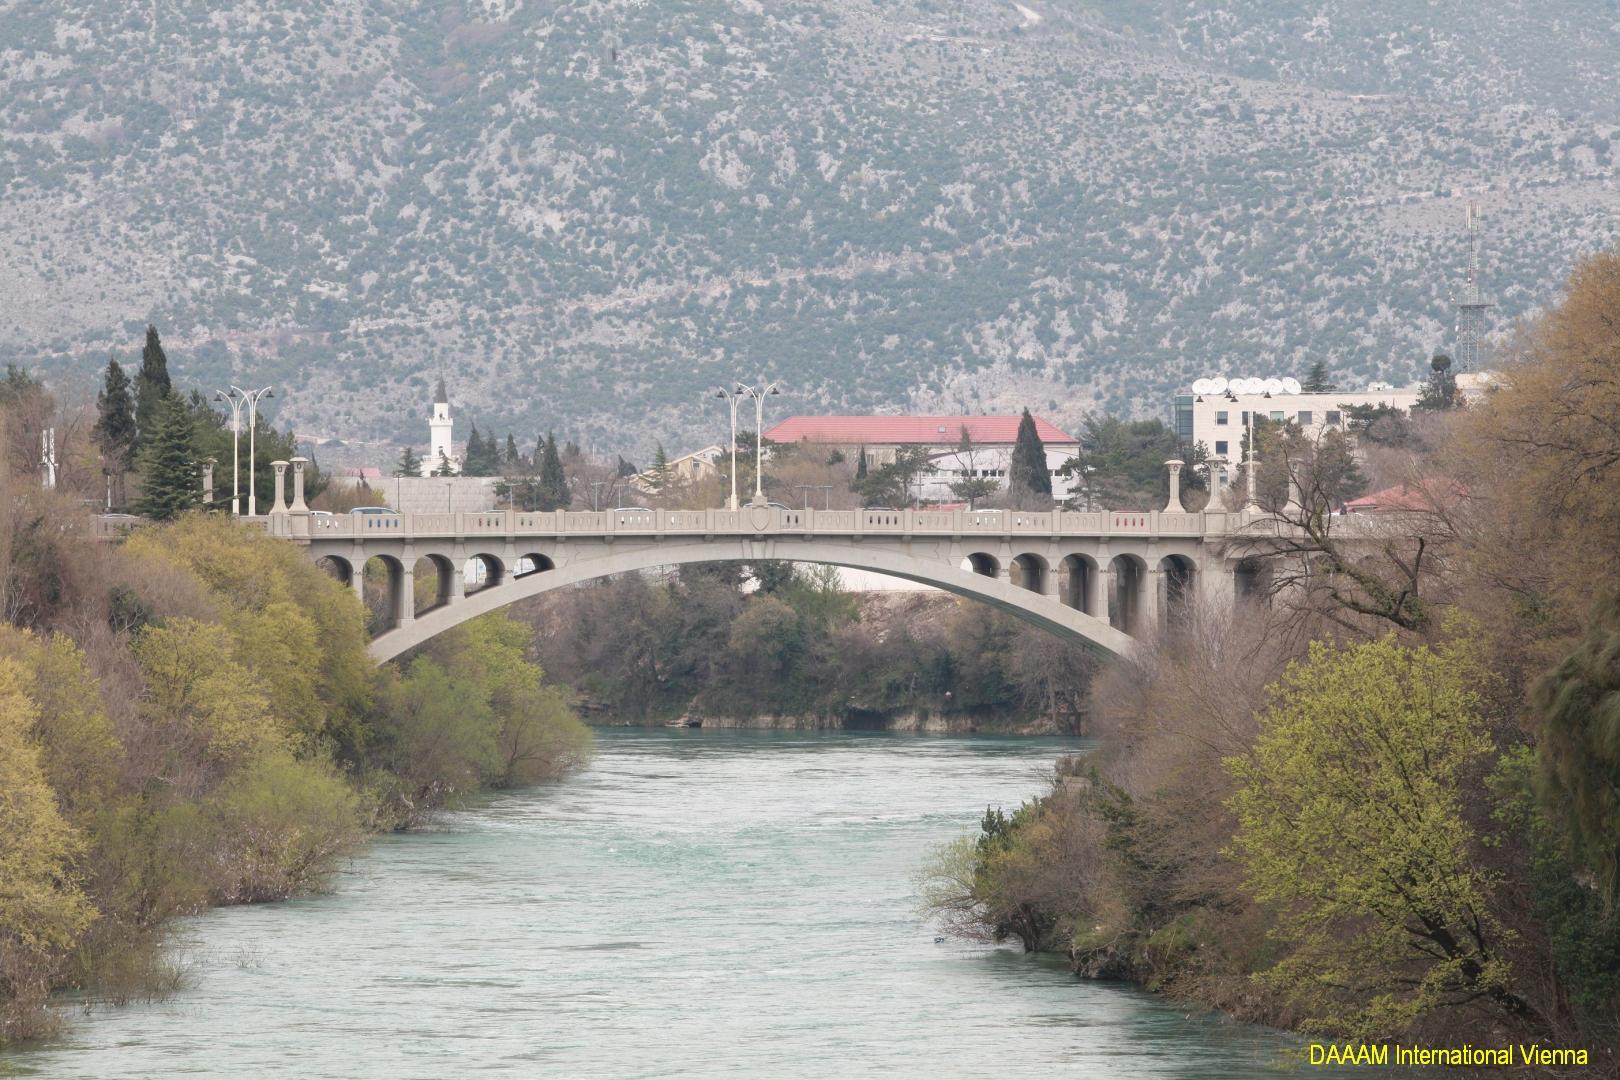 DAAAM_2016_Mostar_01_Magic_City_of_Mostar_143